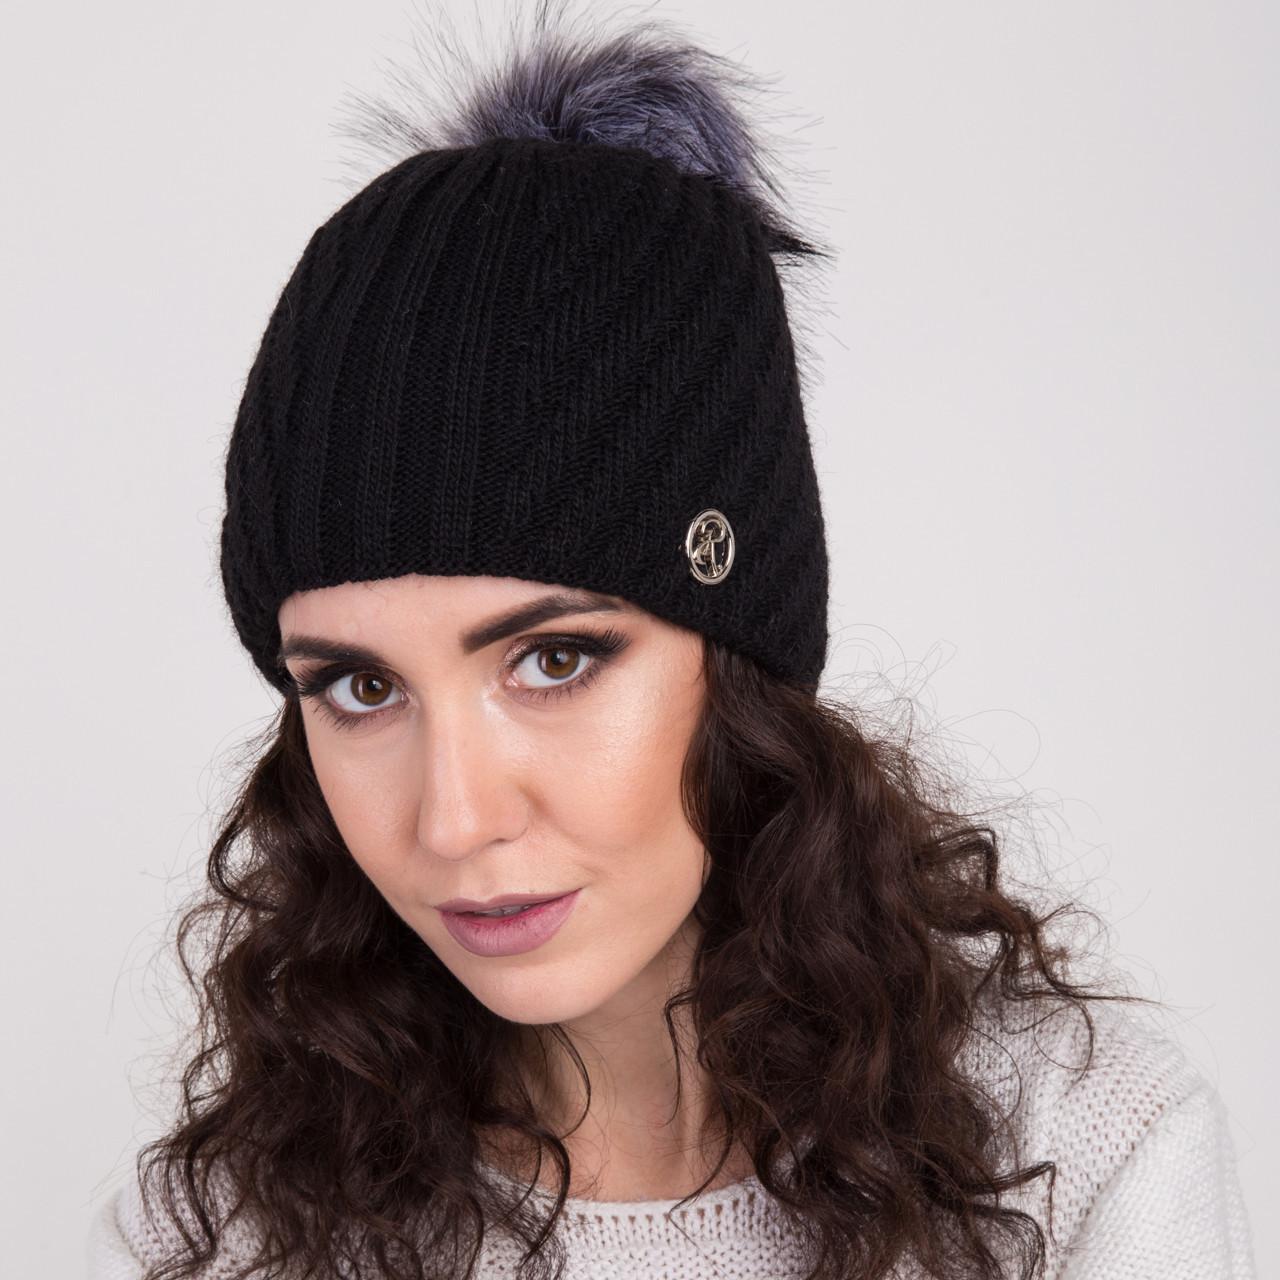 Женская вязанная шапка с меховым помпоном - зима 2018 - Арт 2148 (черный)